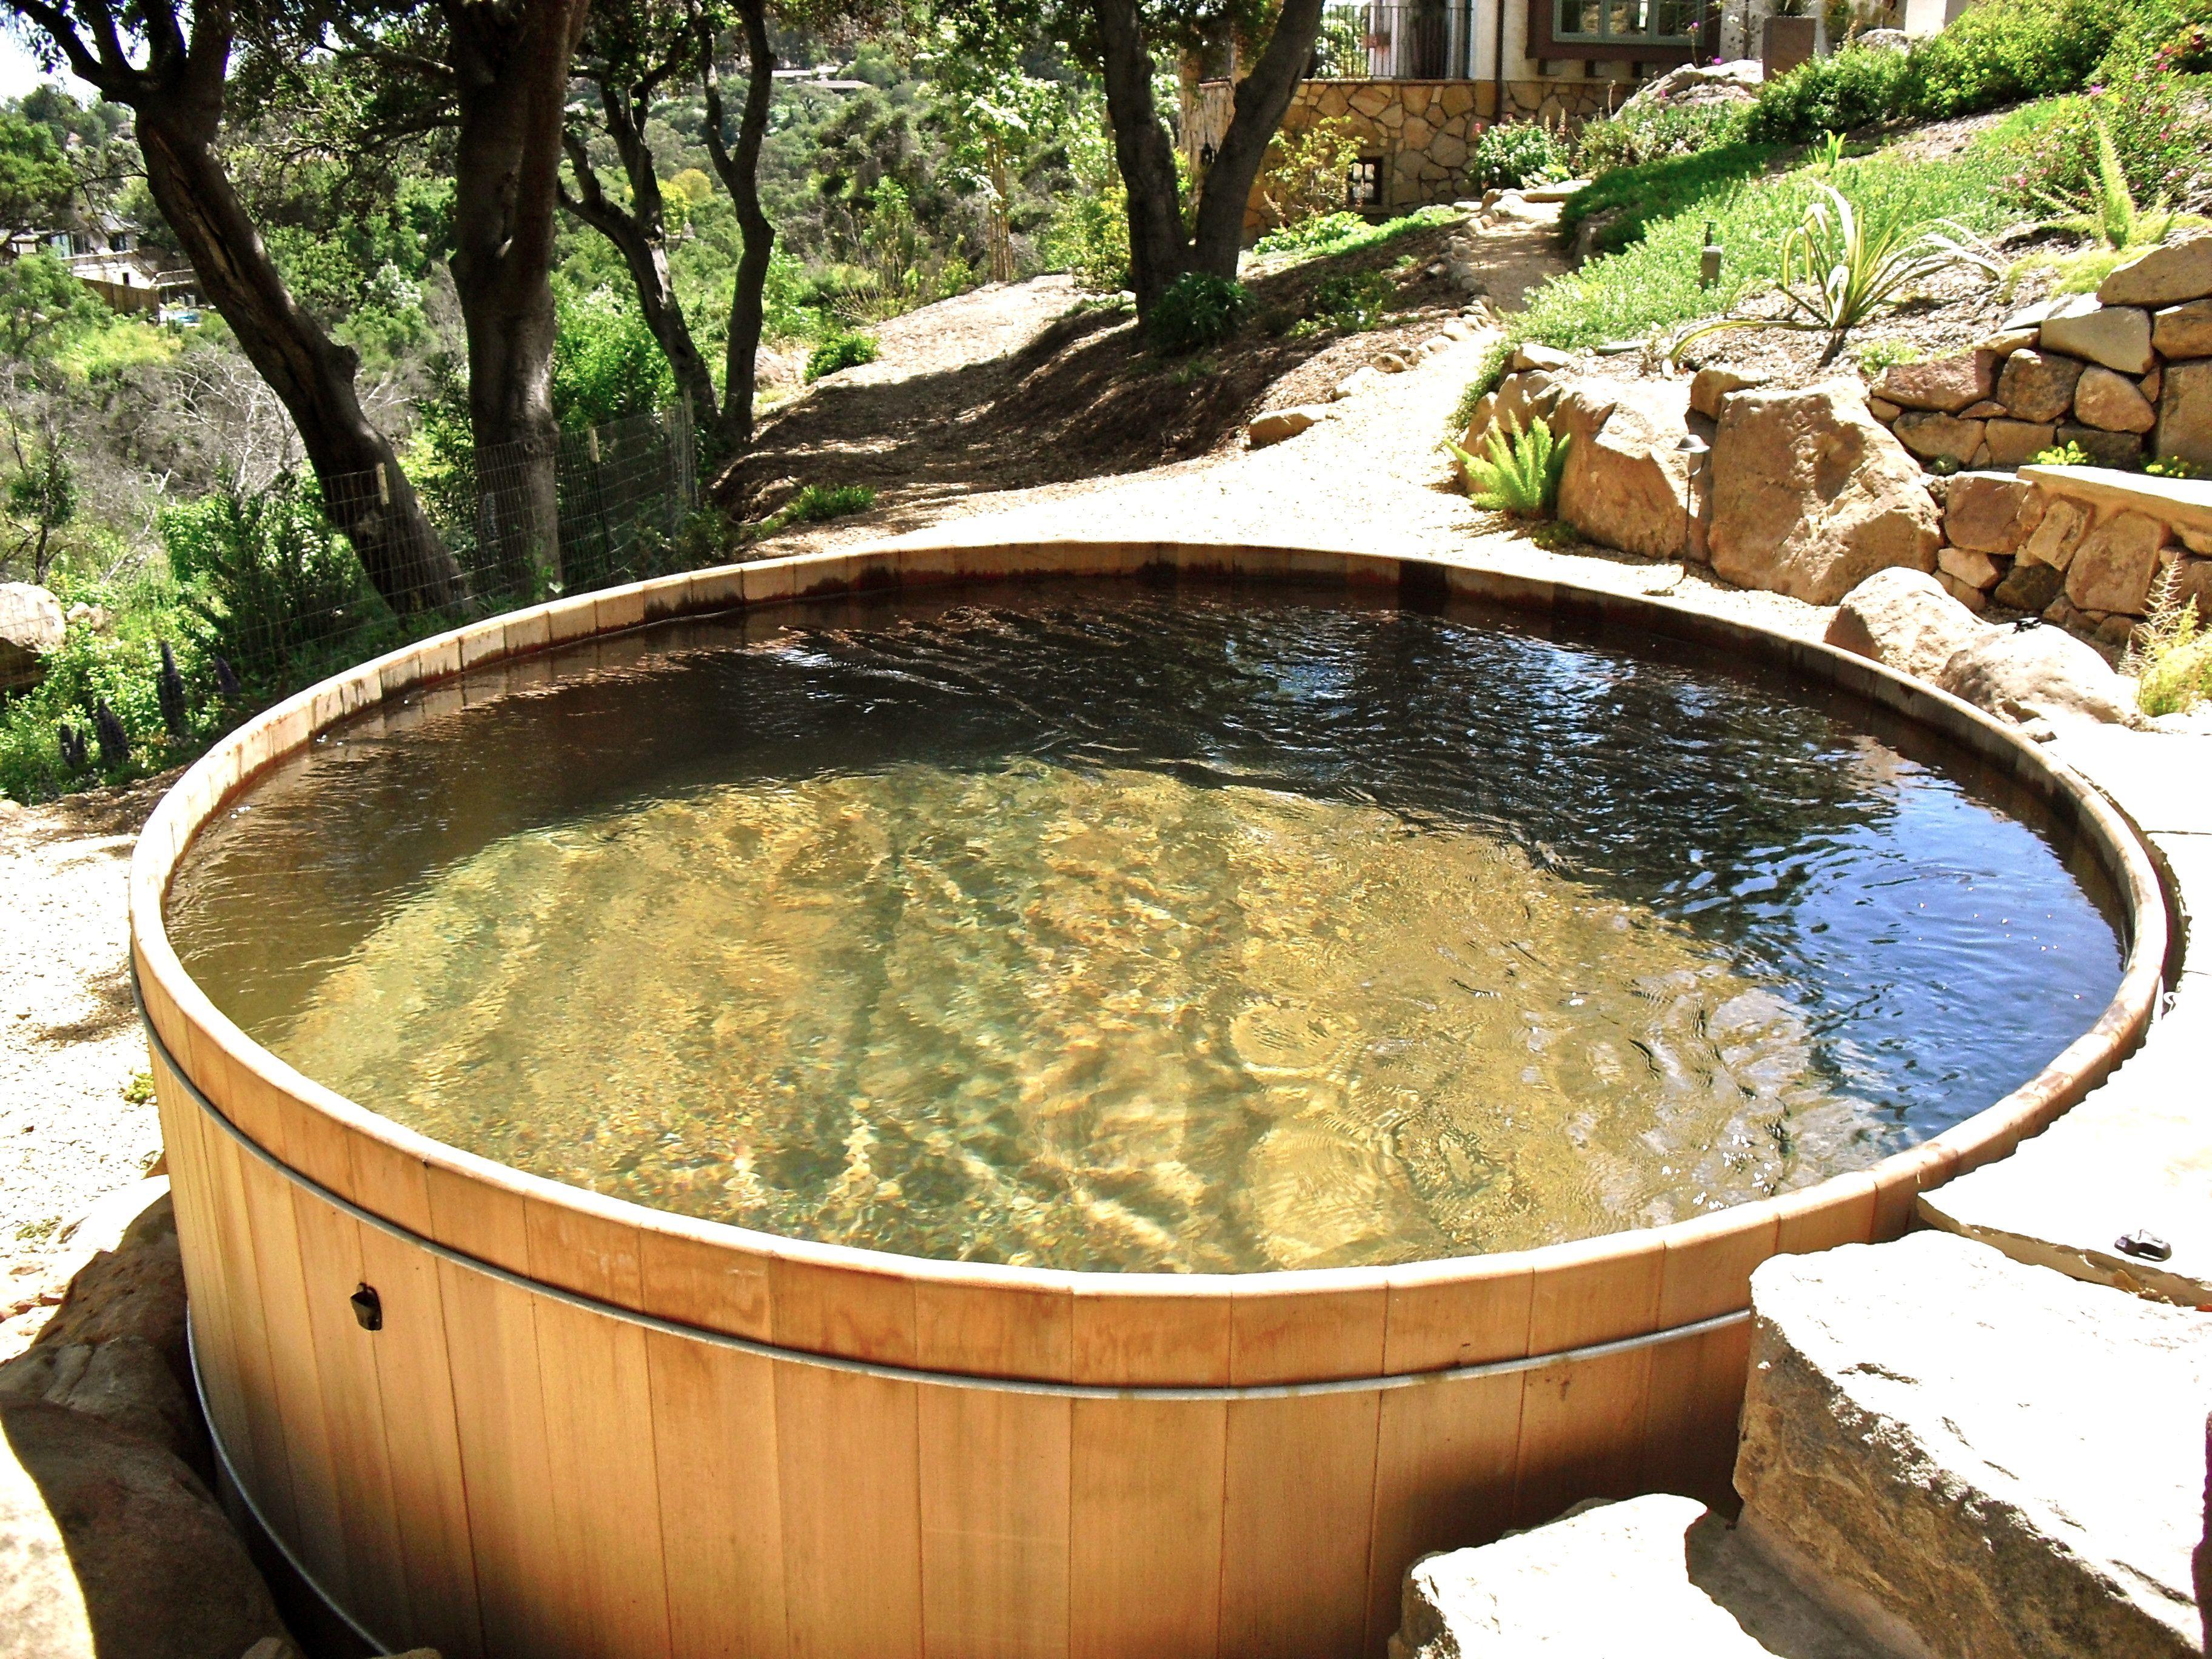 12x10 oval custom cedar wooden hot tub built and